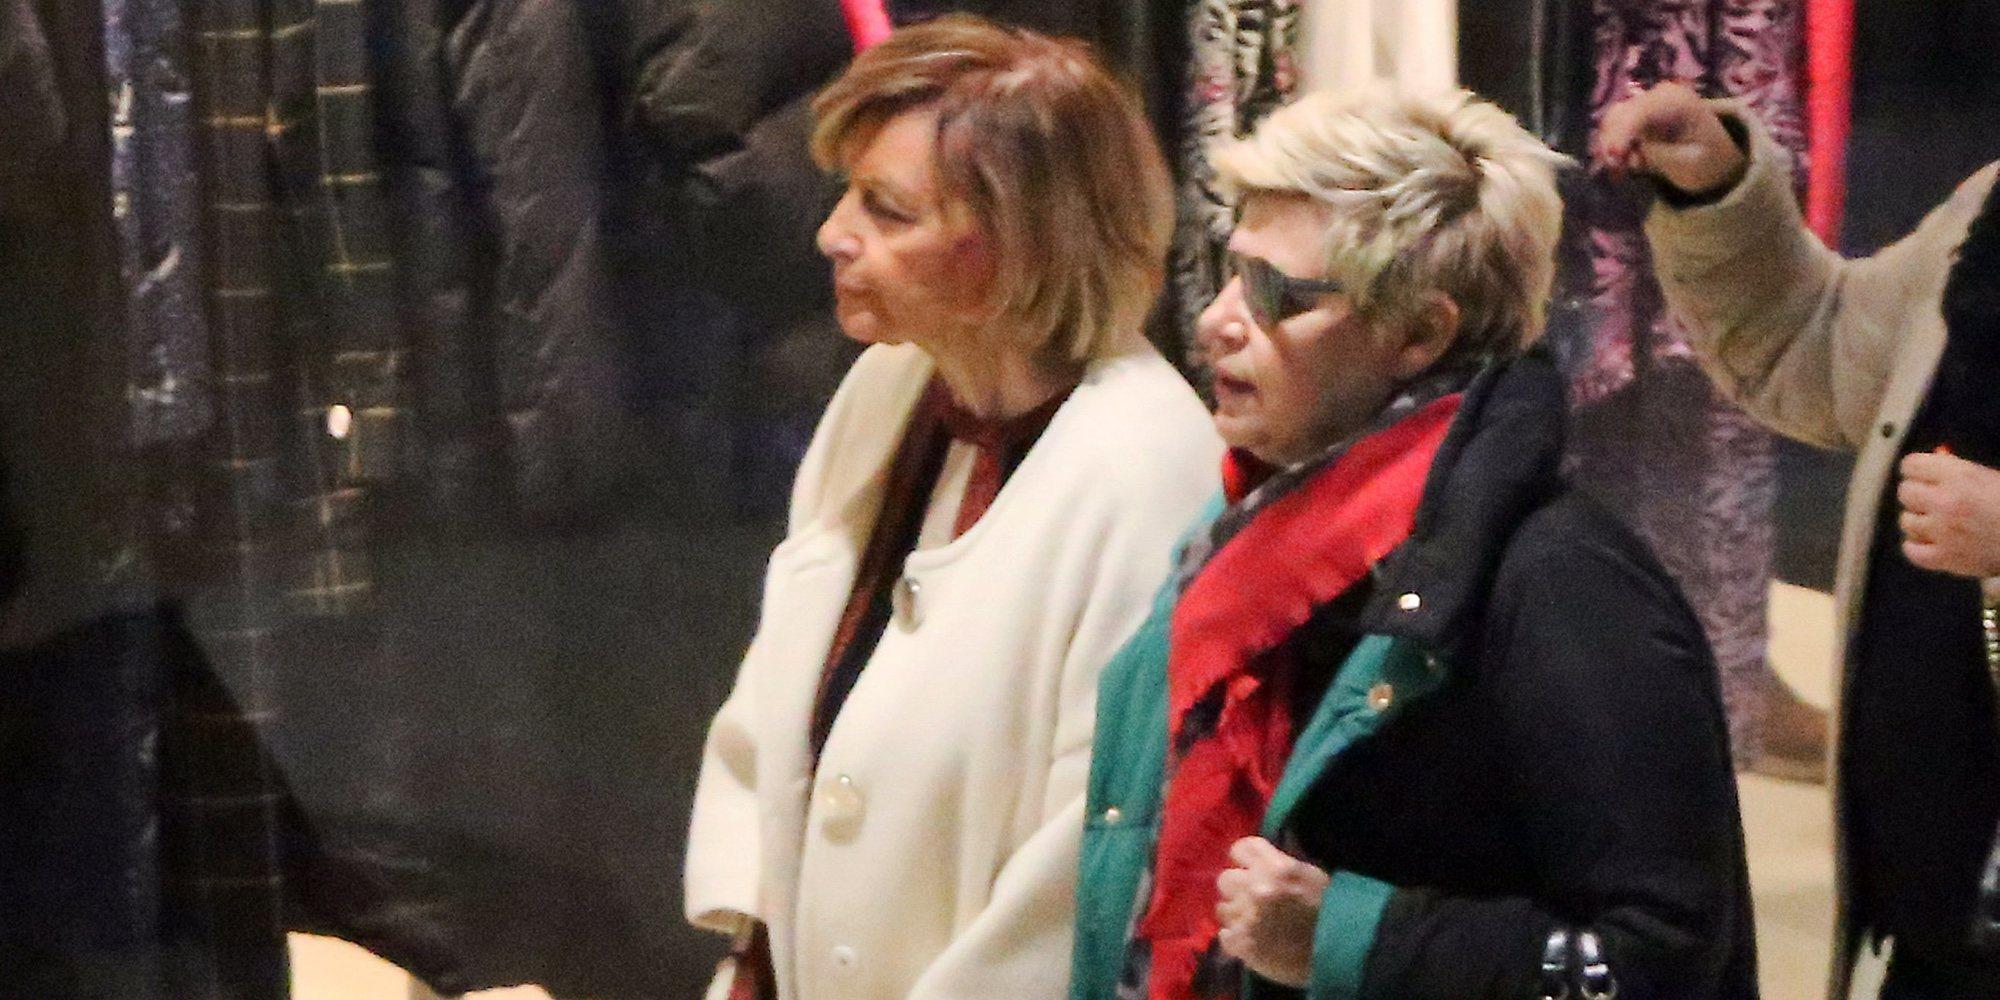 51e3121163 Terelu Campos se va de compras navideñas con María Teresa Campos tras una  nueva revisión